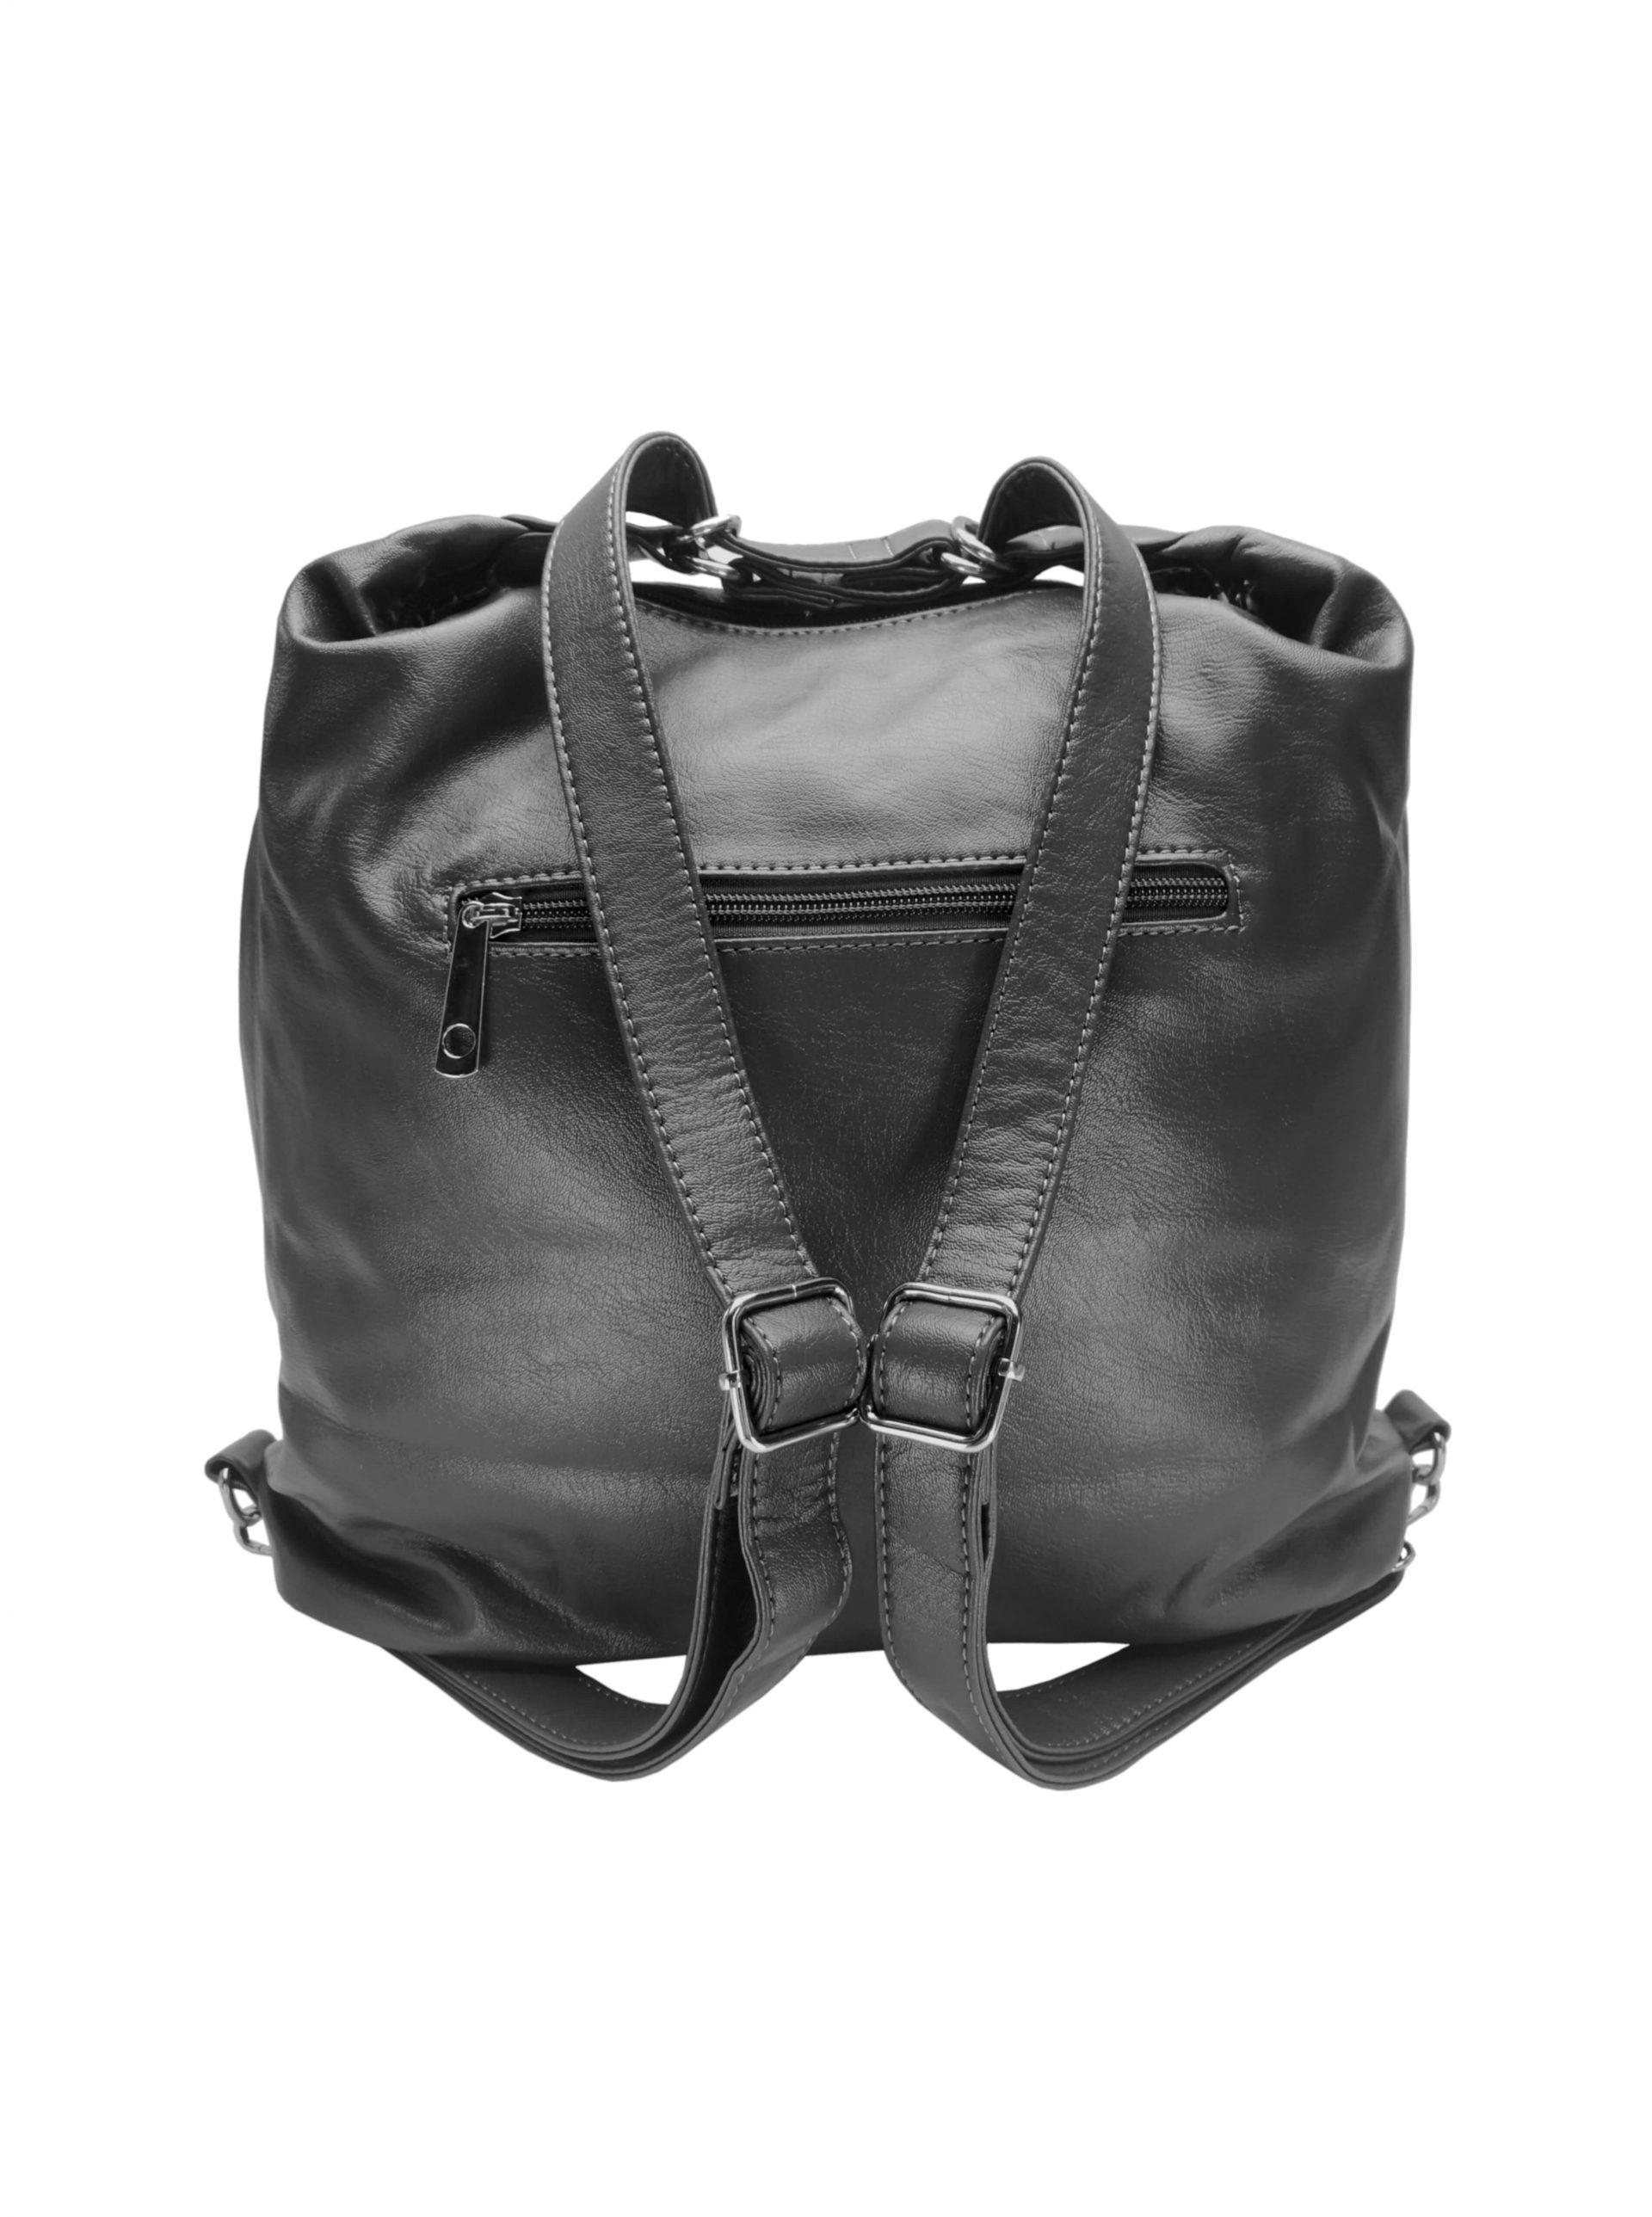 Praktický dámský kabelko-batoh s kapsami Tapple H181177 tmavě šedý zadní strana s popruhy